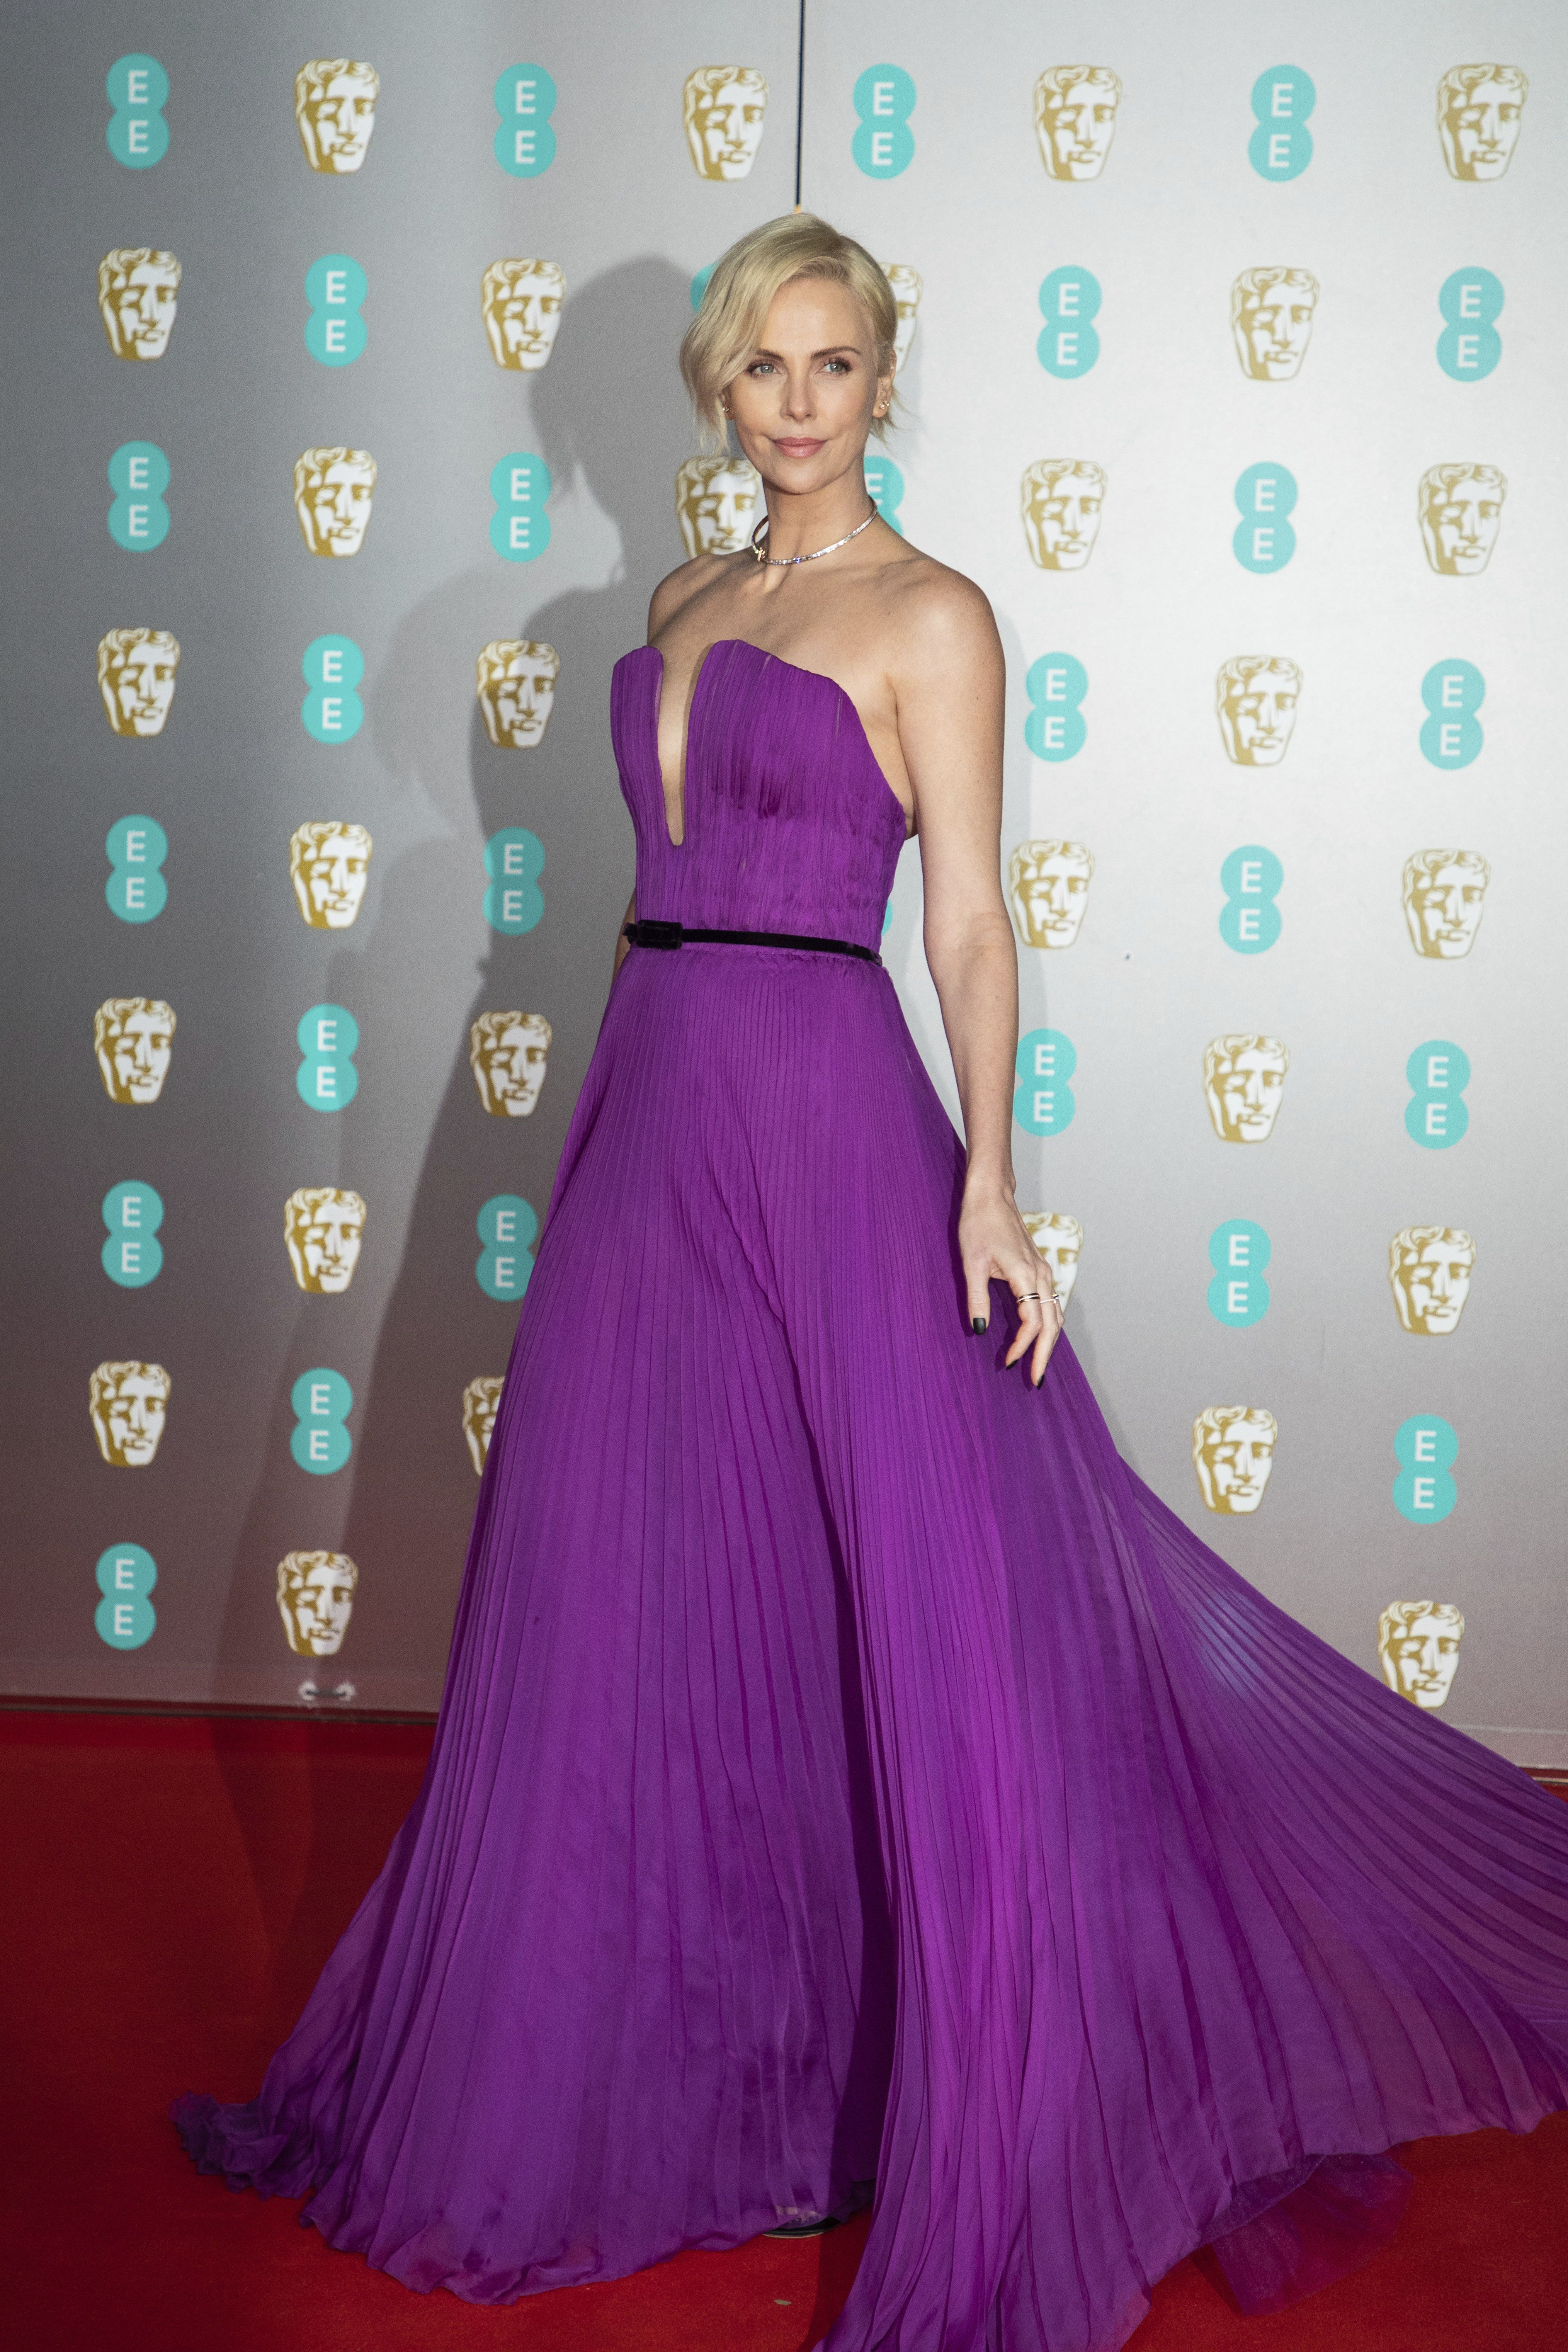 BAFTA-2020, зірки_13